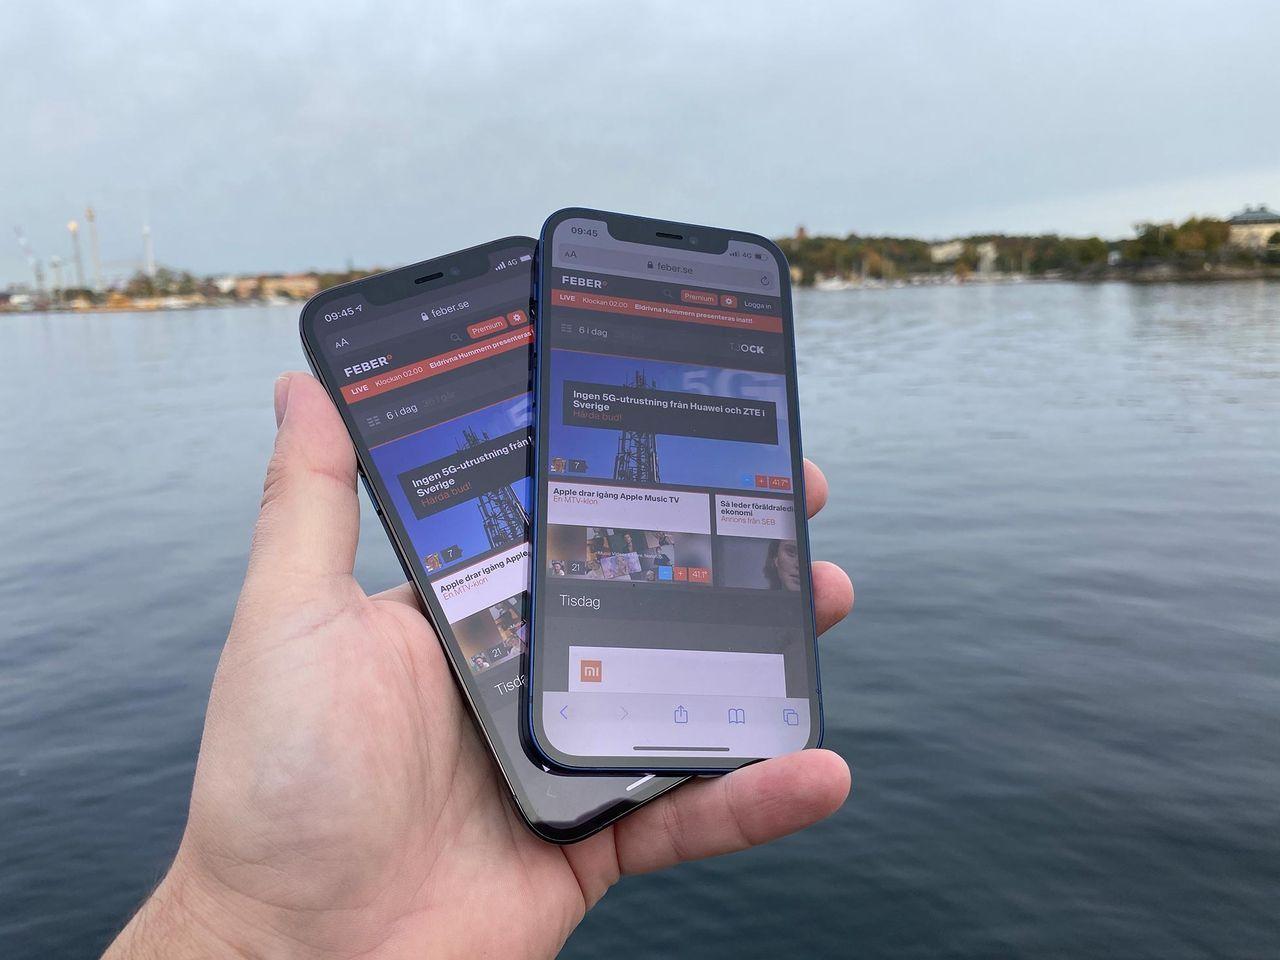 iPhone 12s ryktas bli namnet på höstens iPhones